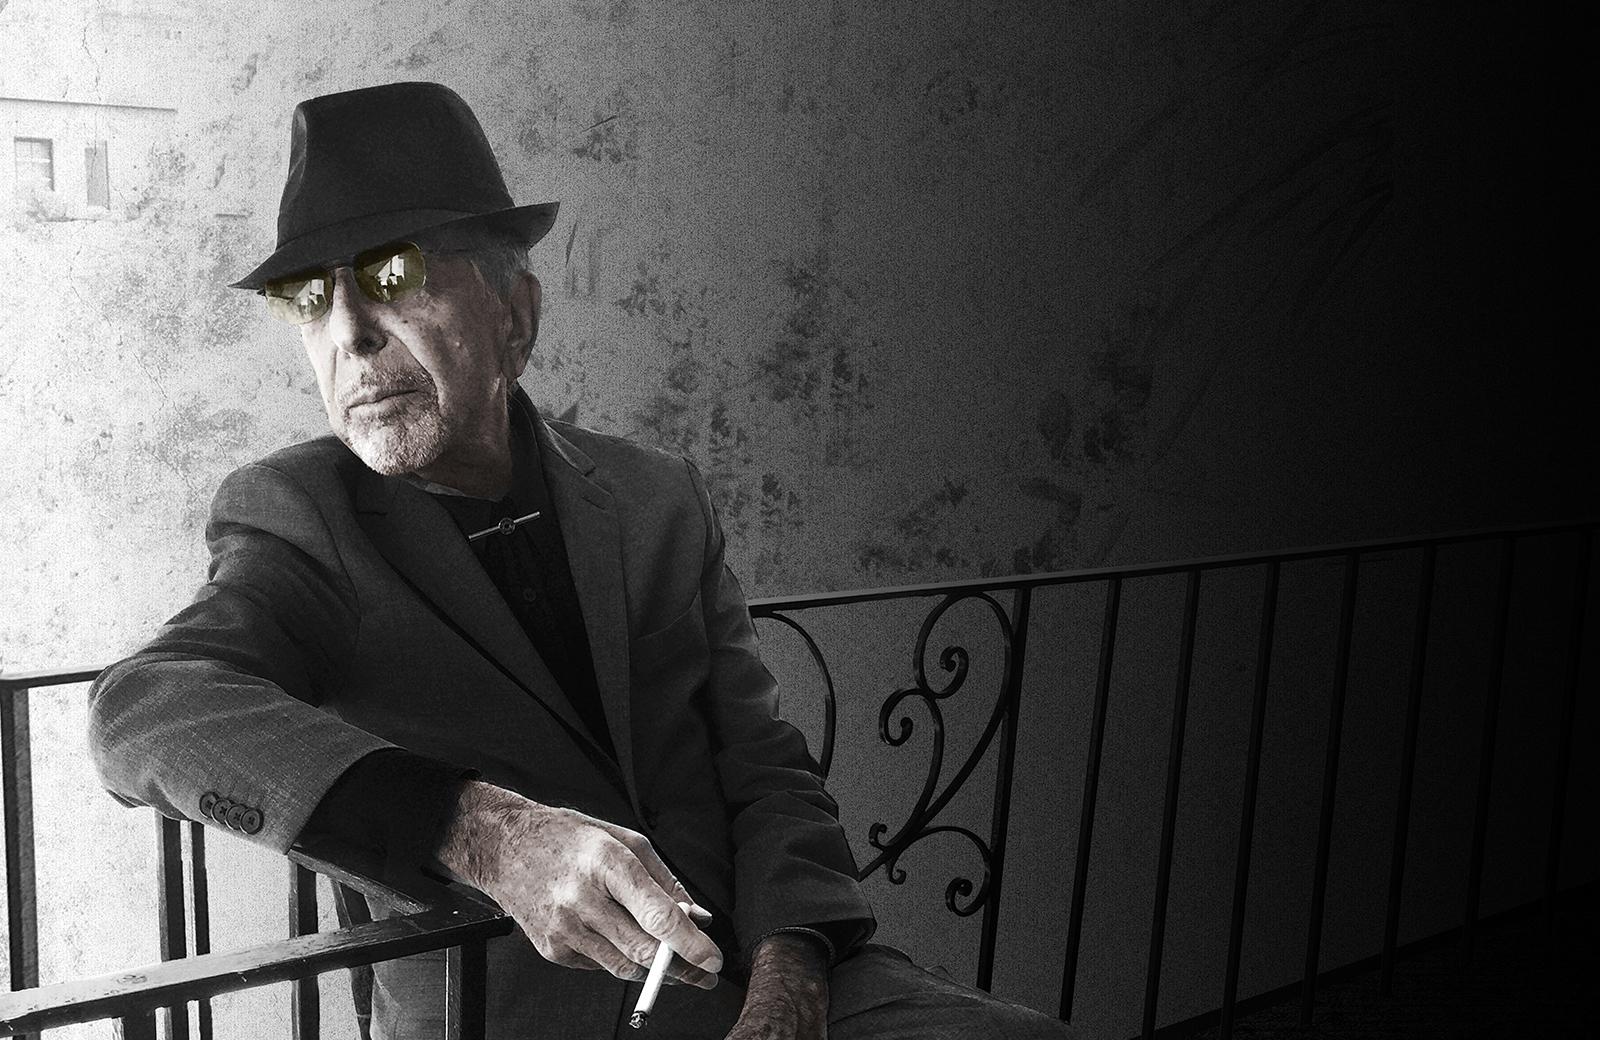 Darker, deeper ... it's Leonard Cohen. Who else?